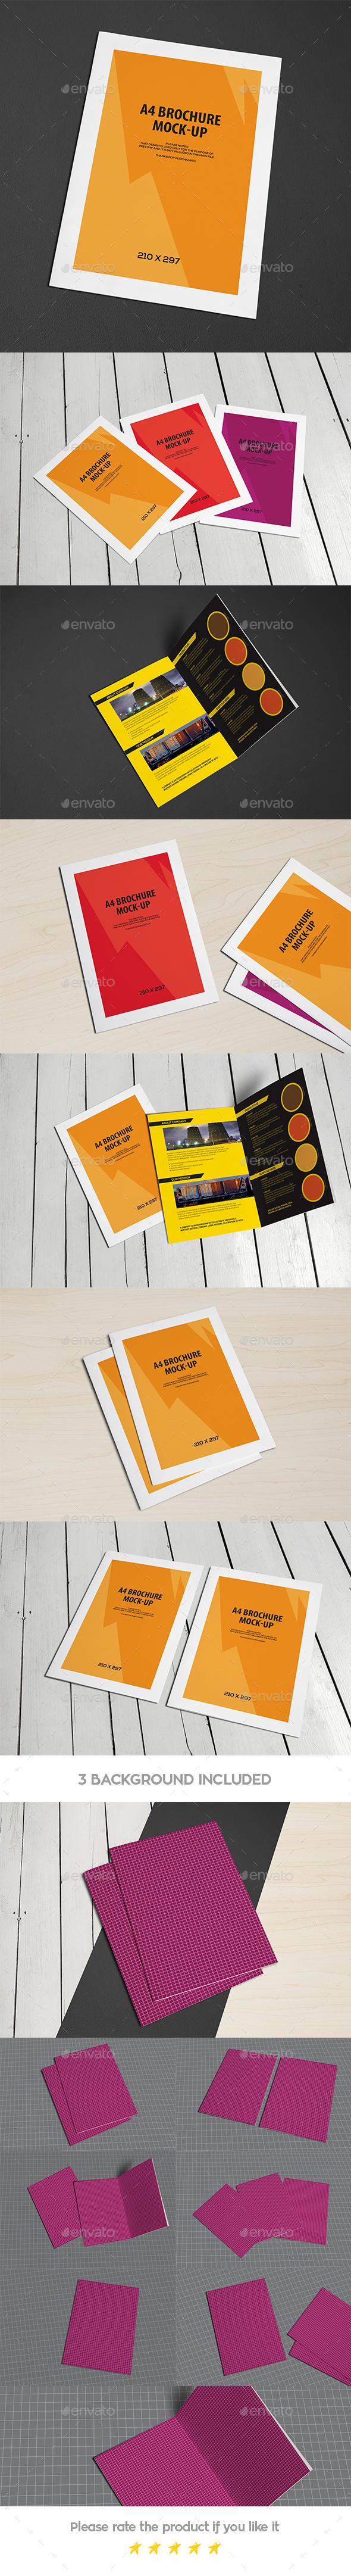 Bi-Fold A4 Brochure Leaflet Mock-Up - Brochures Print